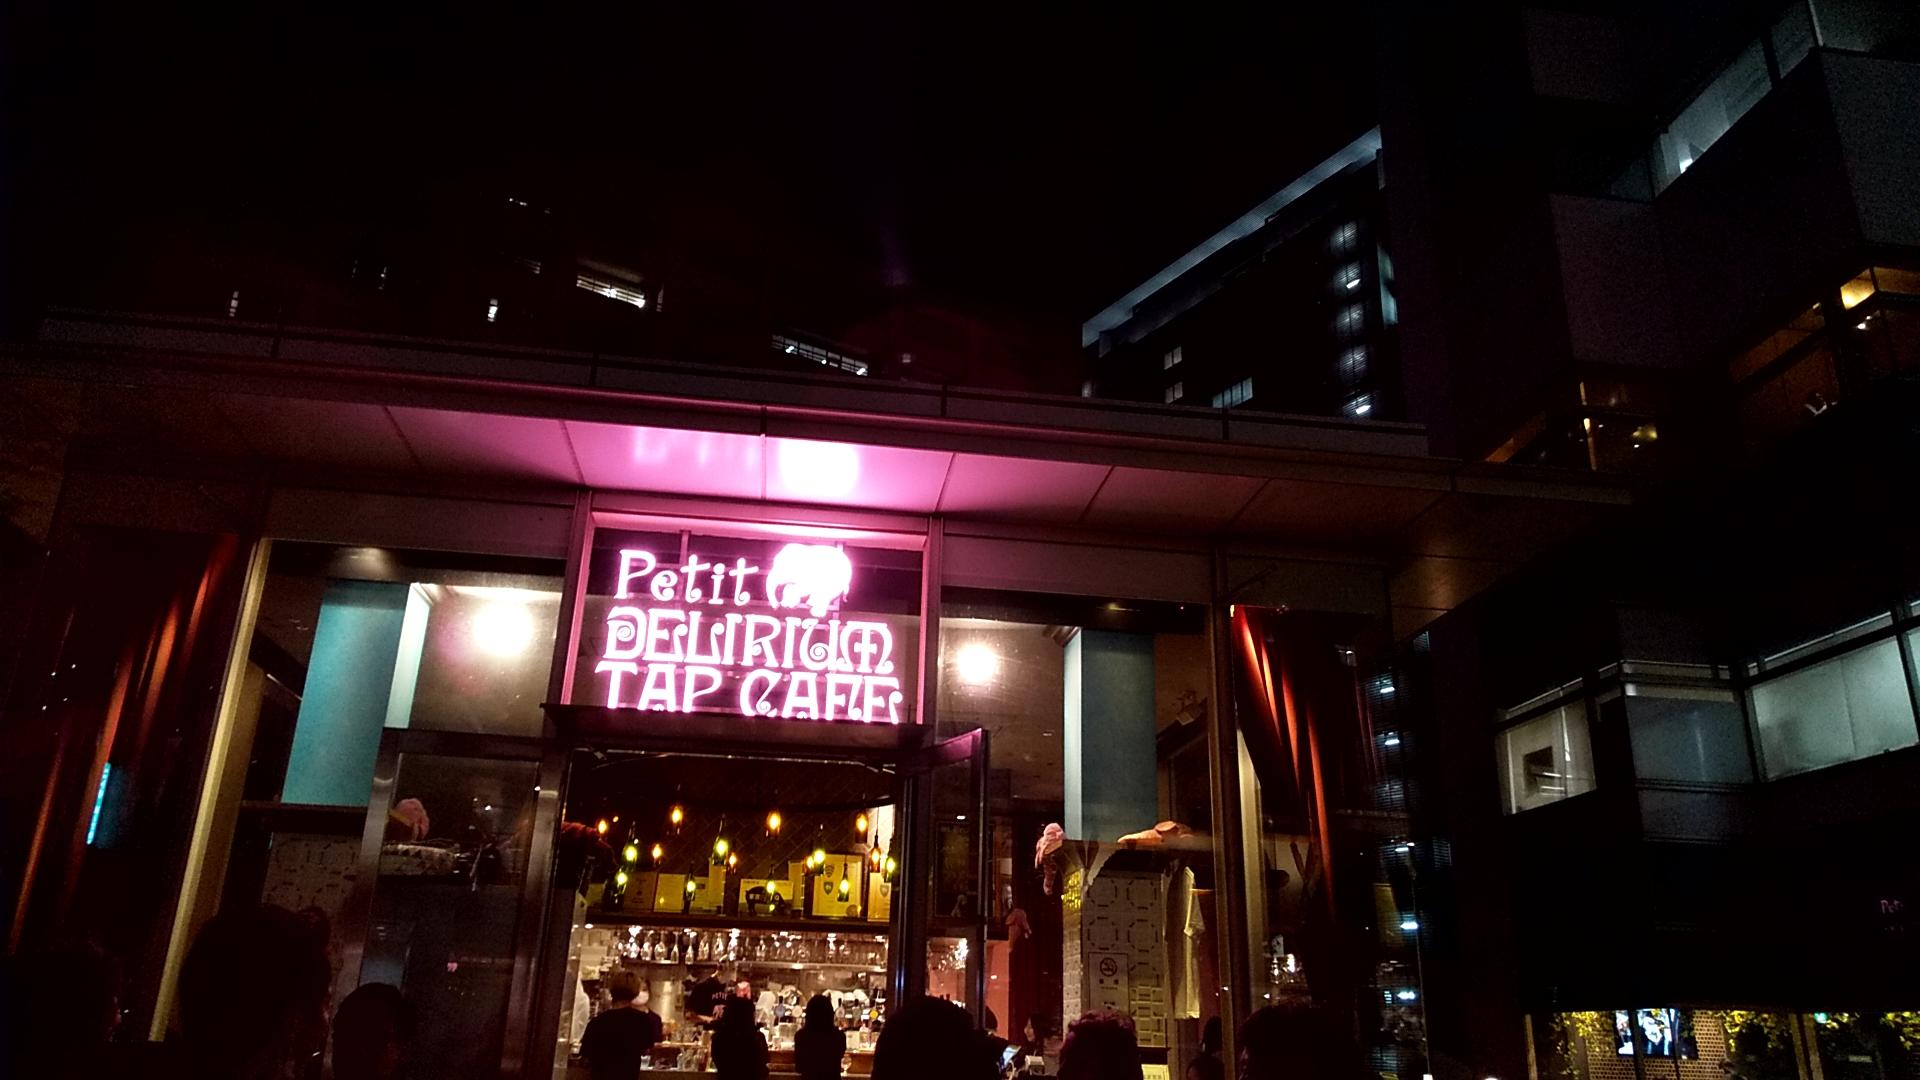 プティデリリウム タップ カフェ 店舗の様子